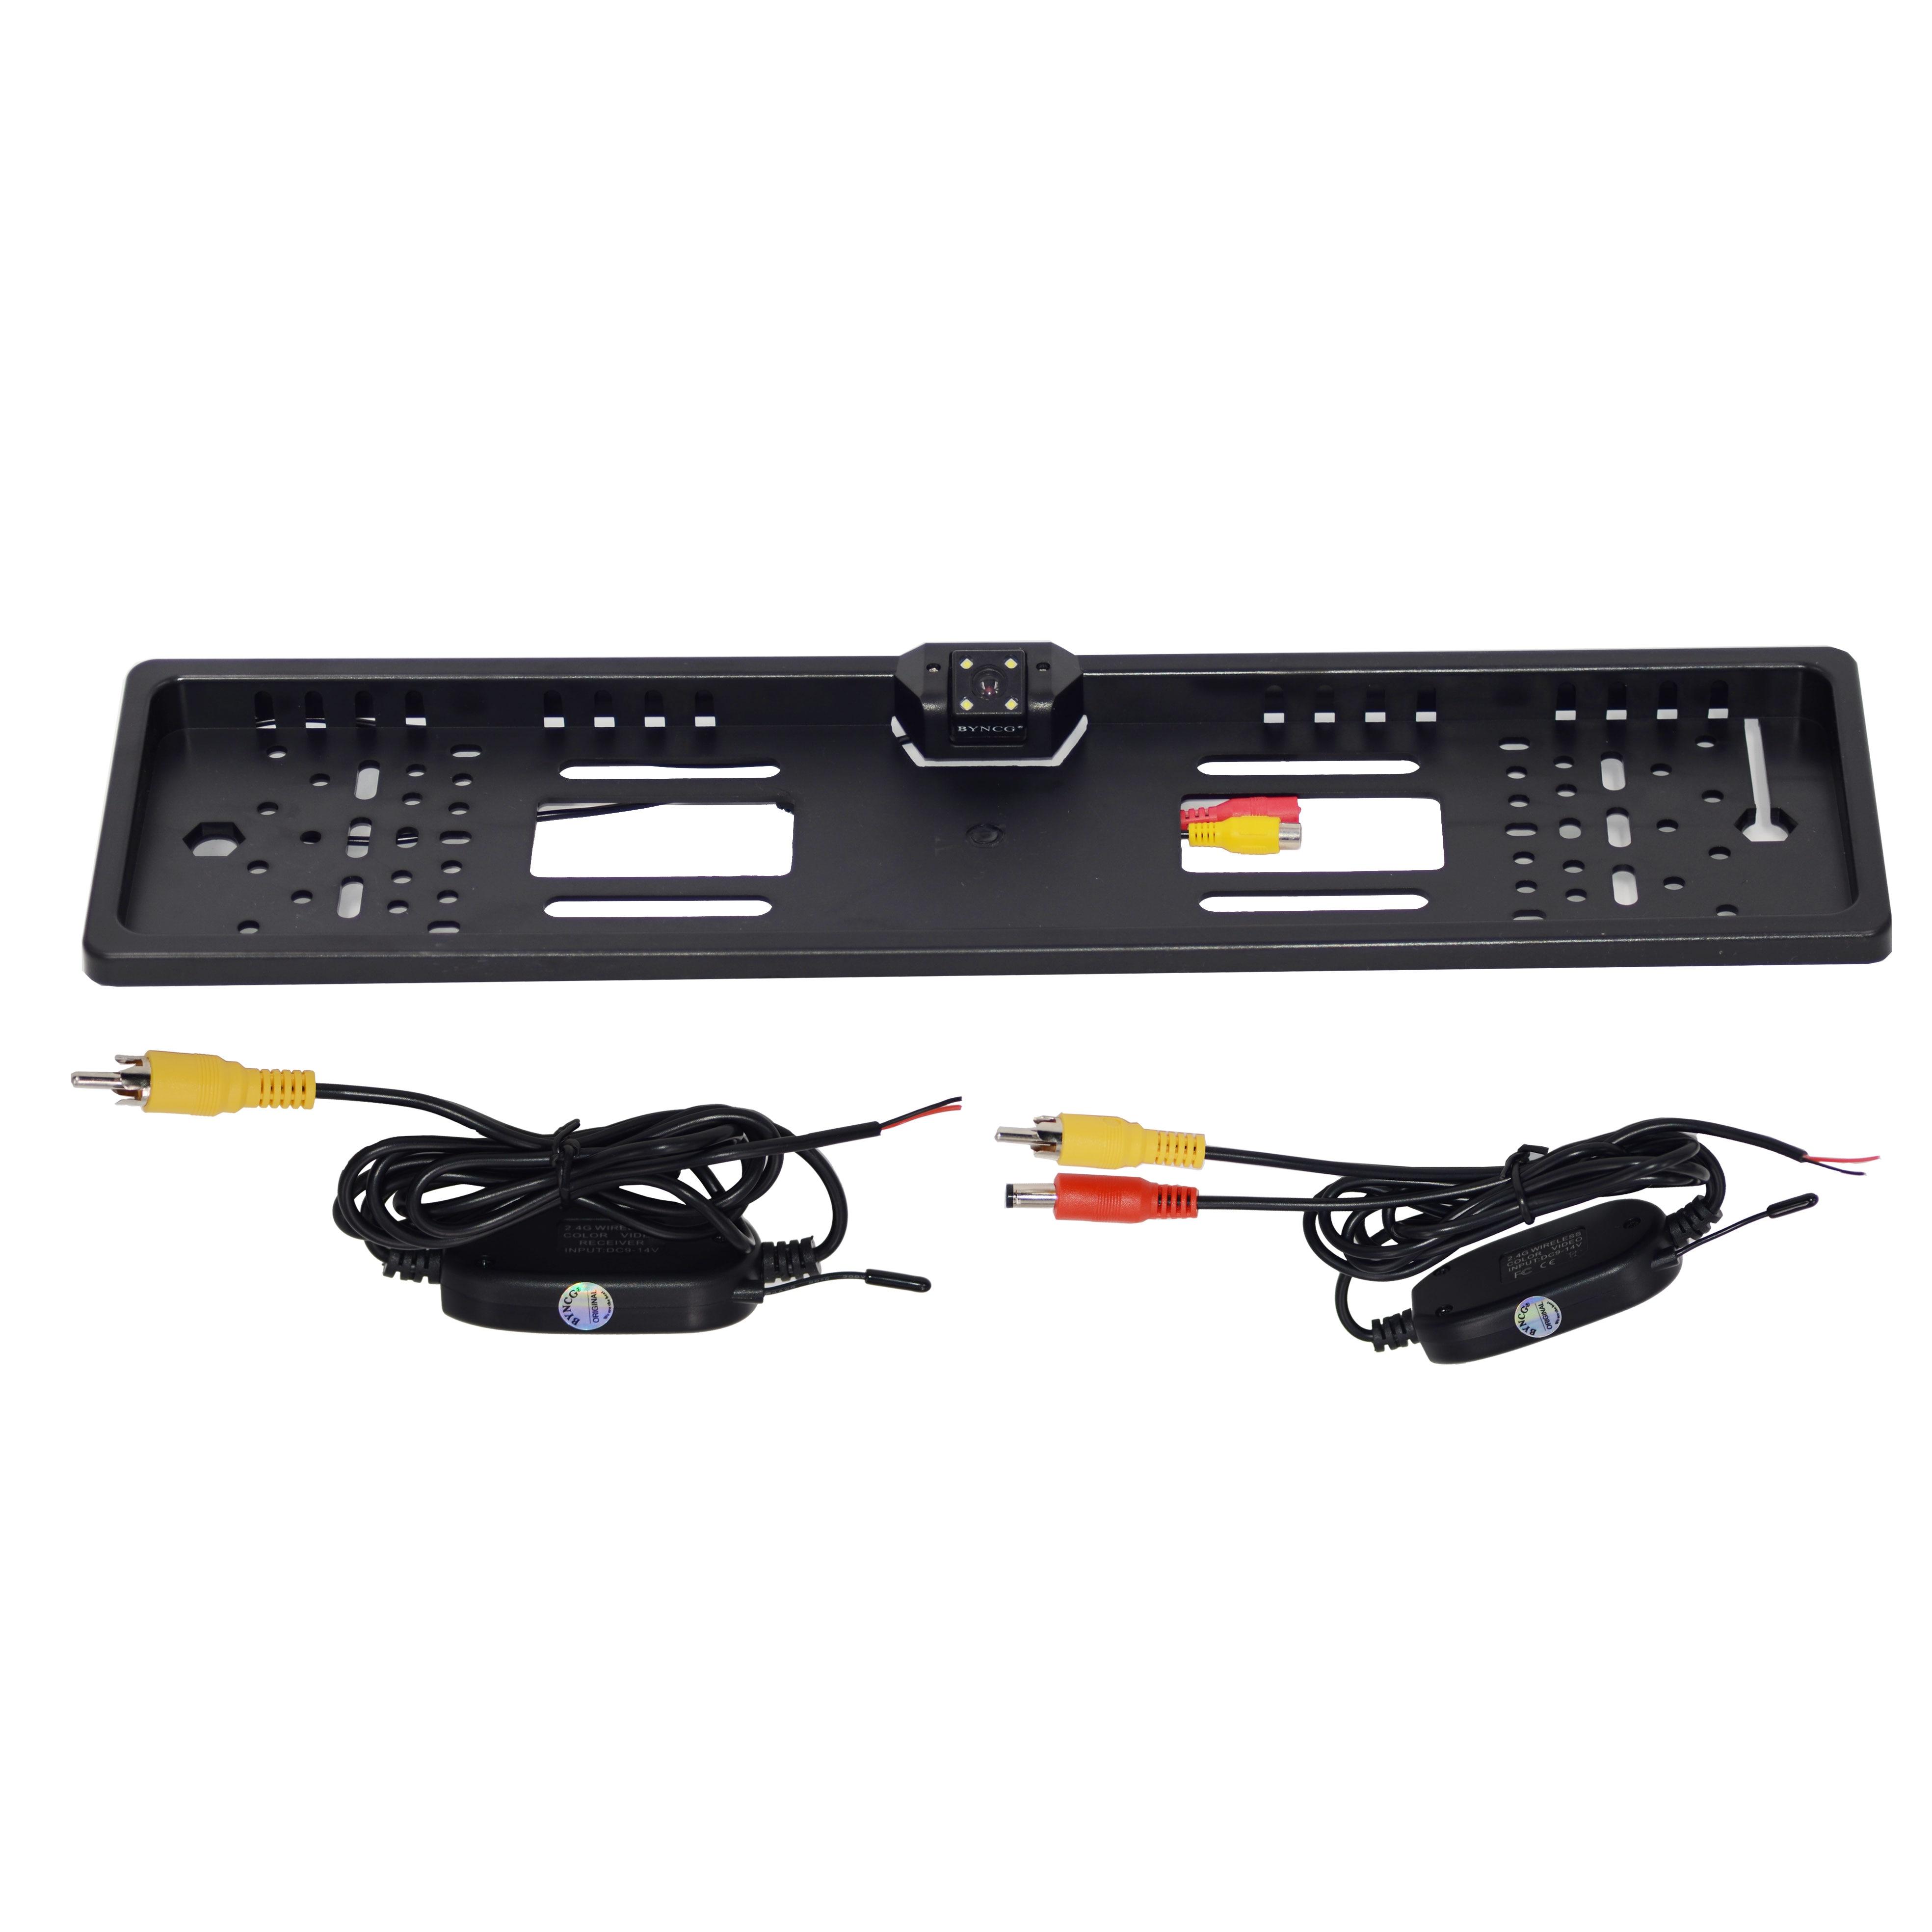 Беспроводная камера ночного видения IR заднего вида, ЕС, рамка для номерного знака, Автомобильная камера заднего вида, водонепроницаемая камера заднего вида для монитора, gps - Название цвета: cam and wireless kit